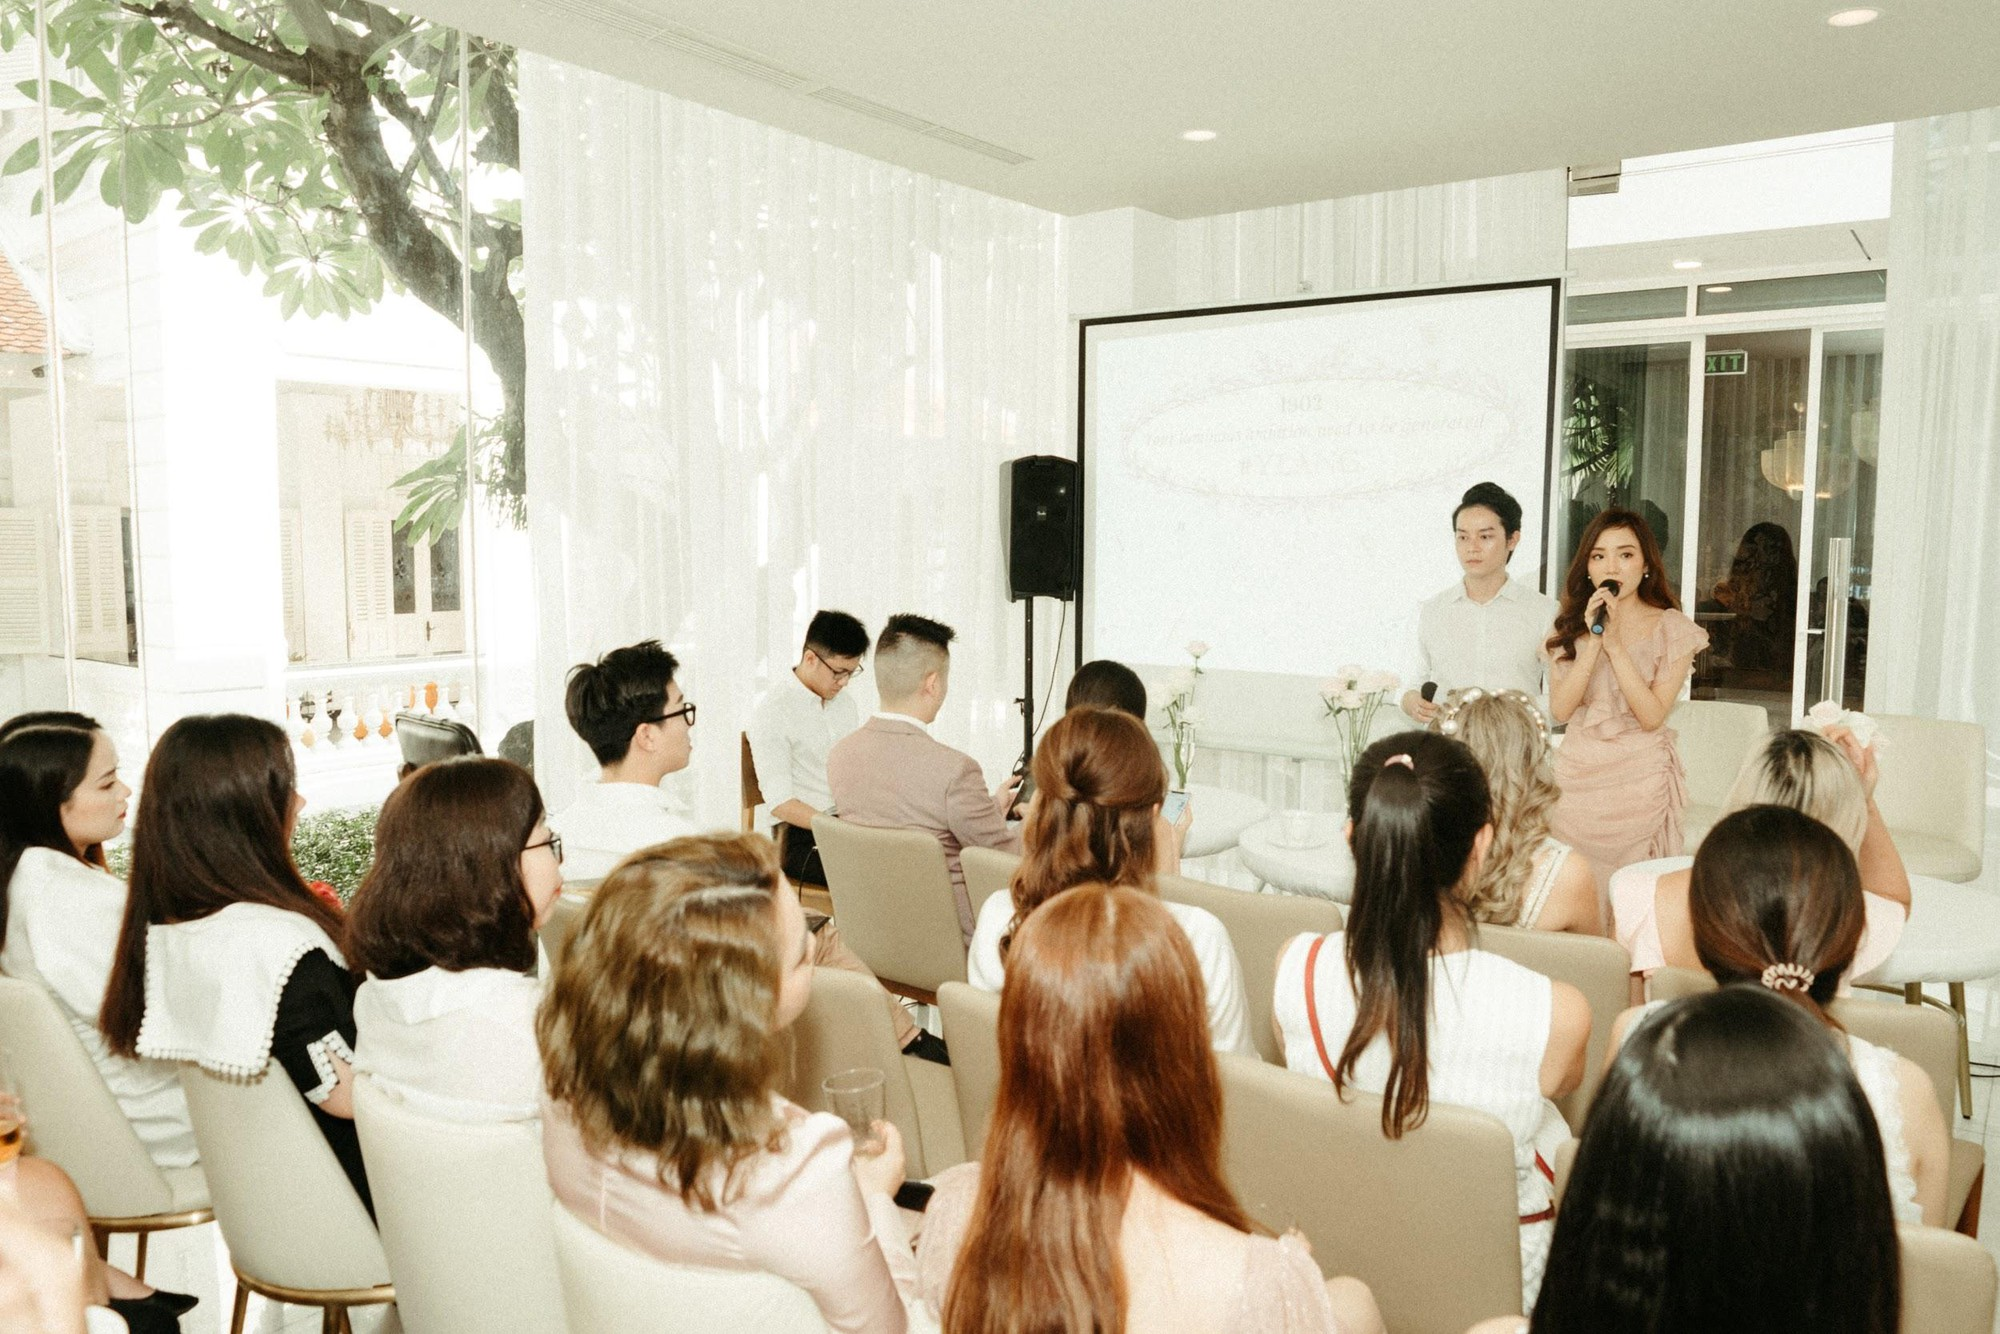 Ra mắt thương hiệu nước hoa hàng đầu nước Pháp tại Việt Nam - Ảnh 3.